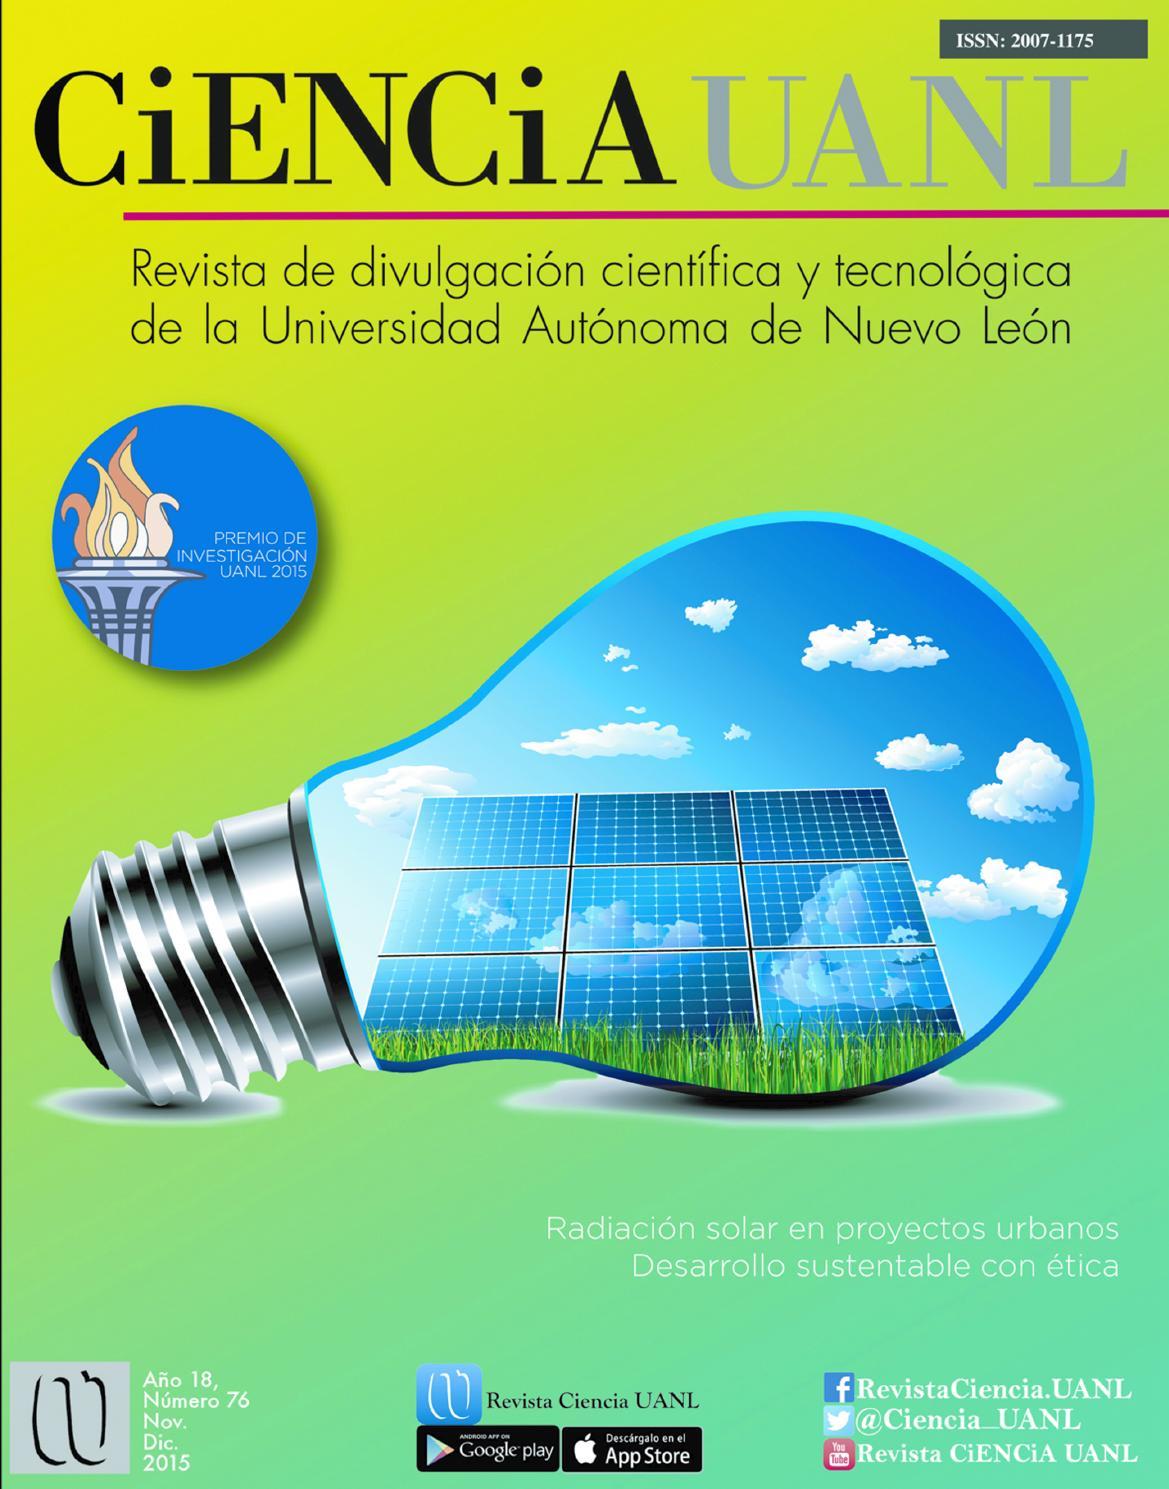 Ciencia UANL 1876 by Rodrigo Soto Moreno - issuu